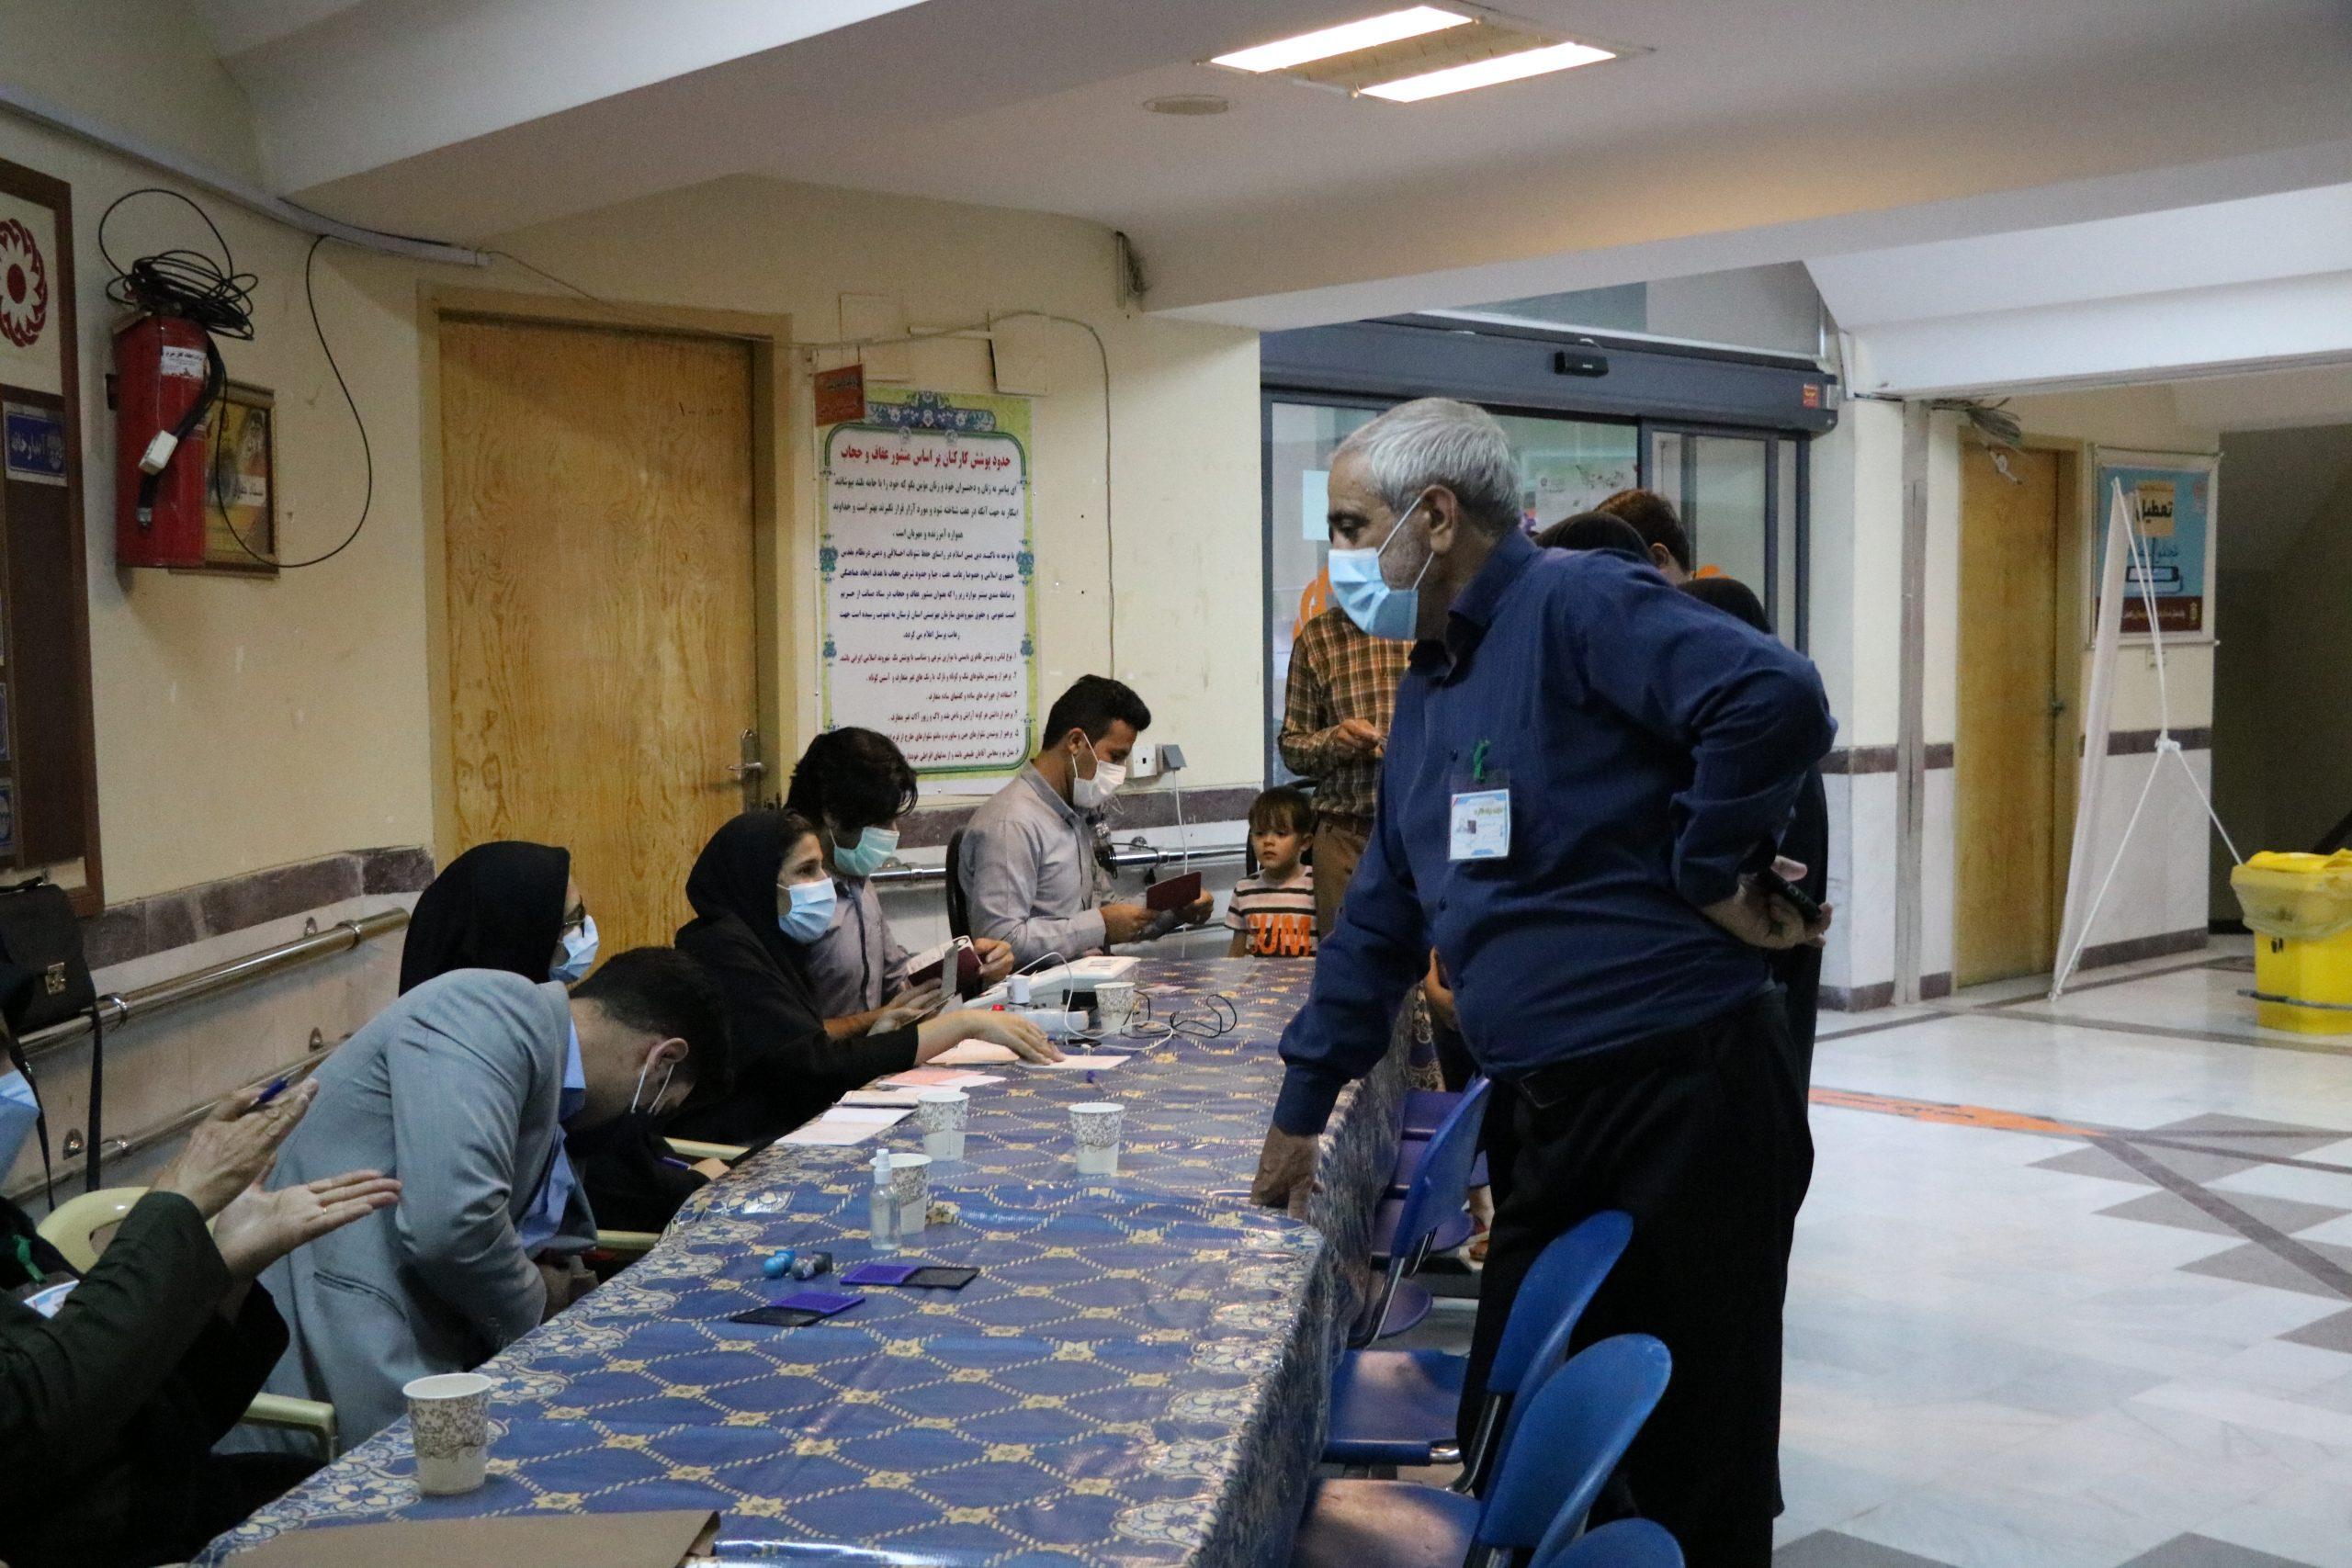 02 2 scaled | حضور پرشور مردم خرم آباد در پای صندوق های رای (2) | امید لرستان